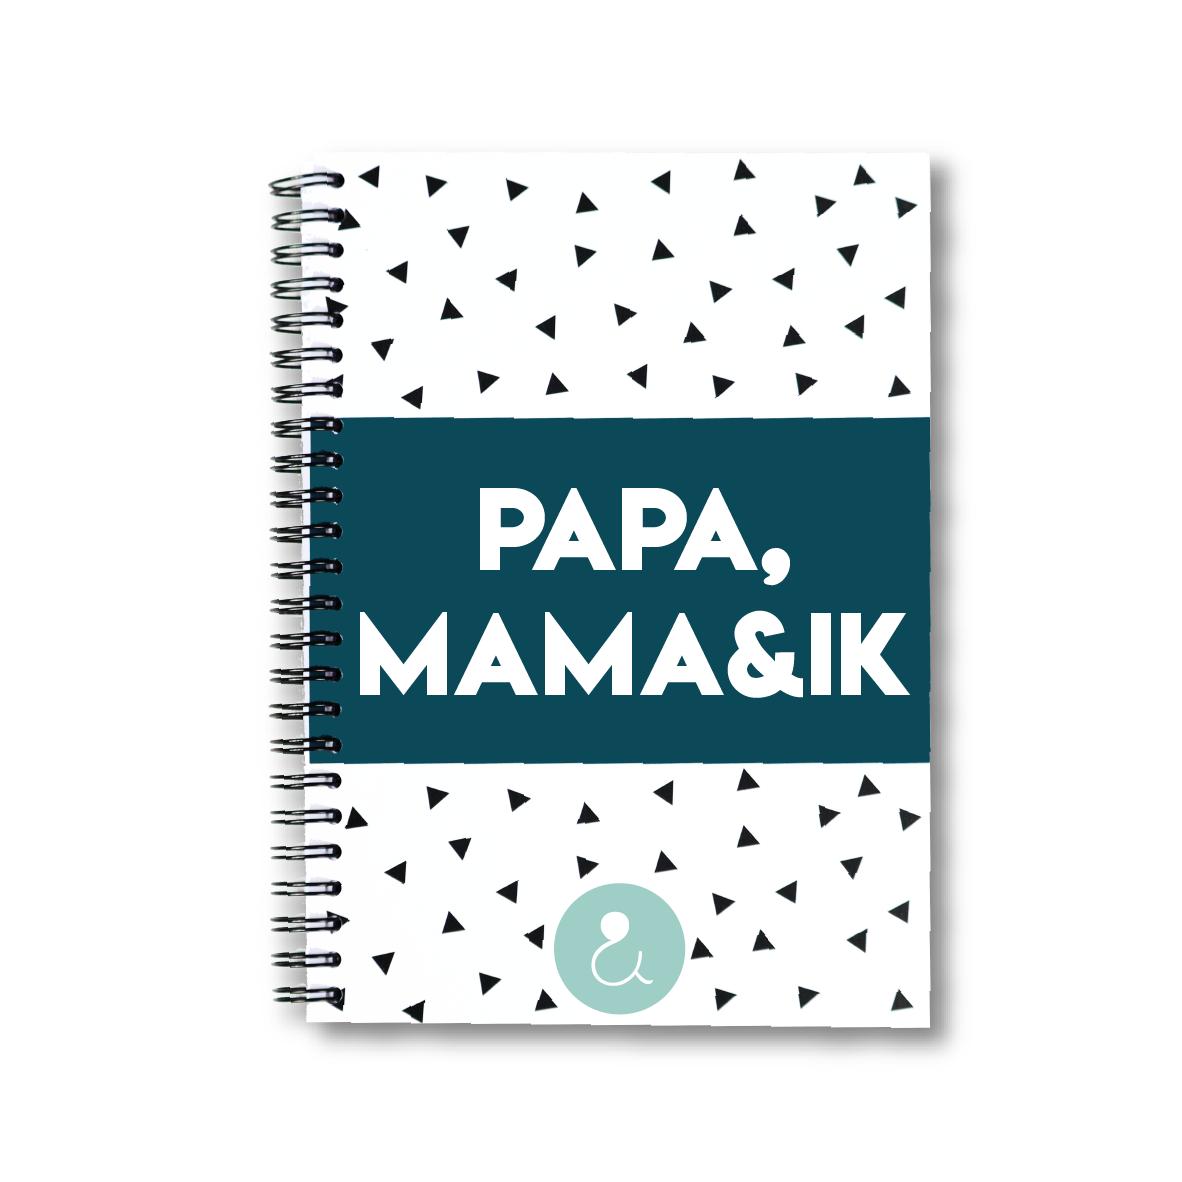 Papa, mama&ik | invulboek voor papa's en mama's (mint stip)